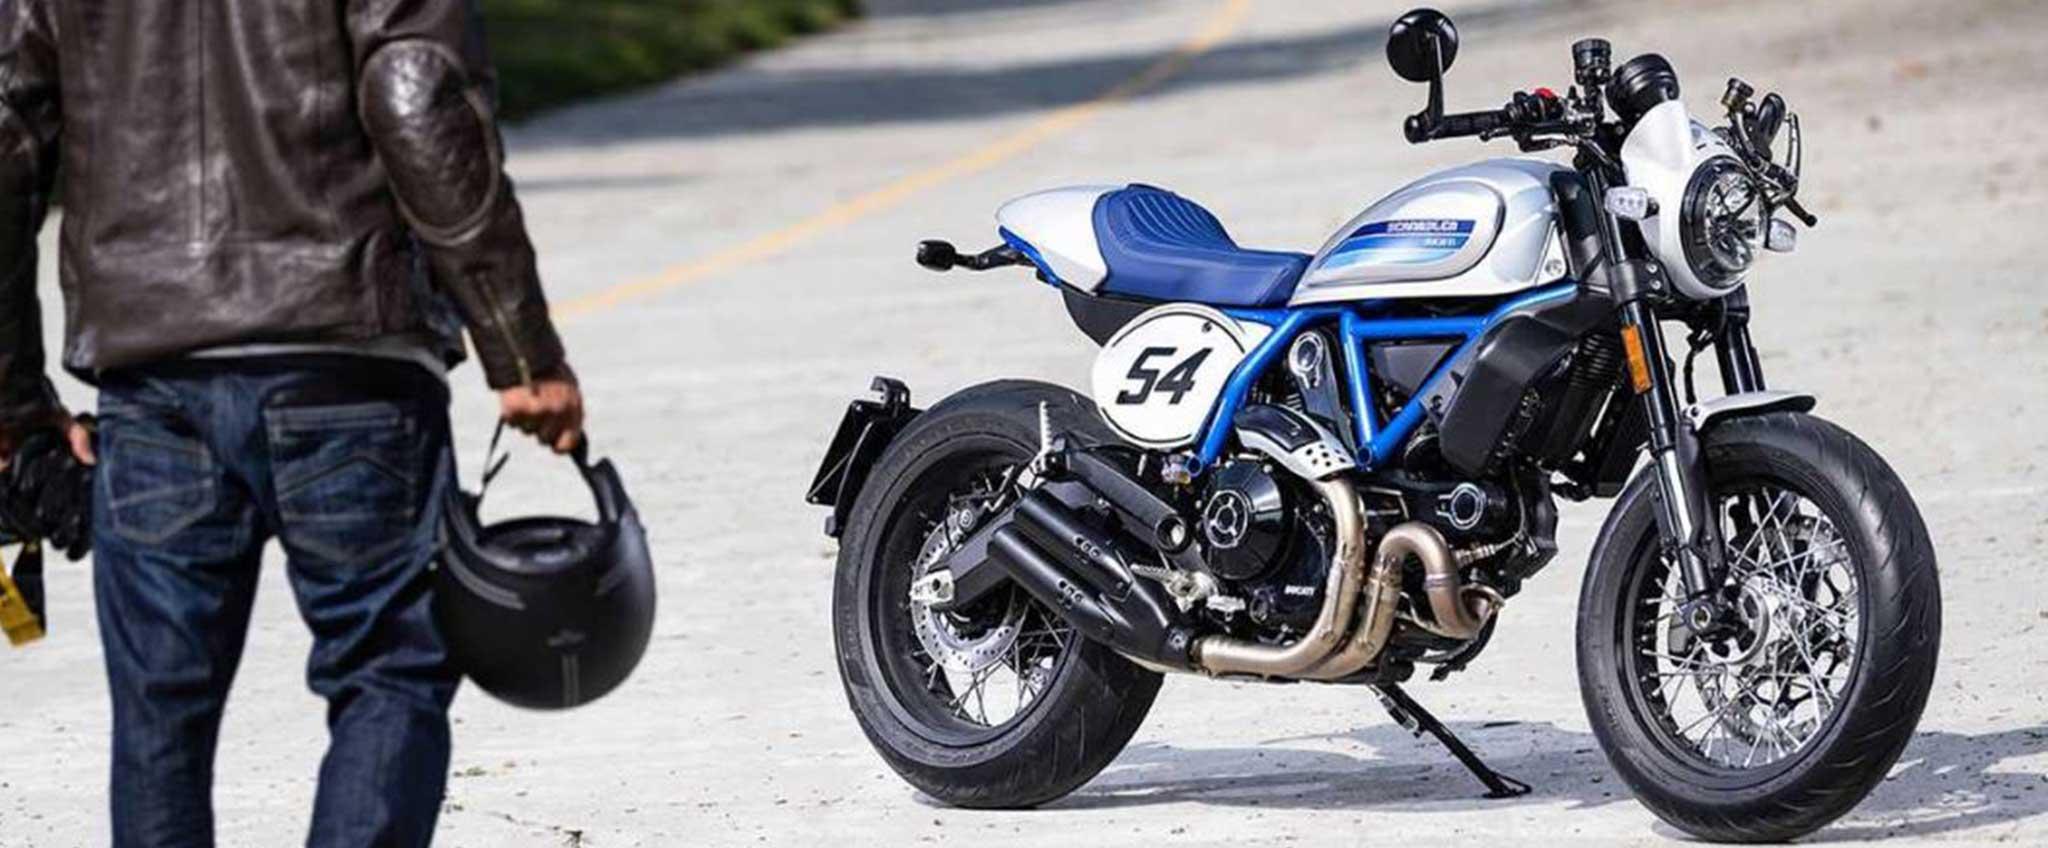 راهنمای خرید موتور سیکلت